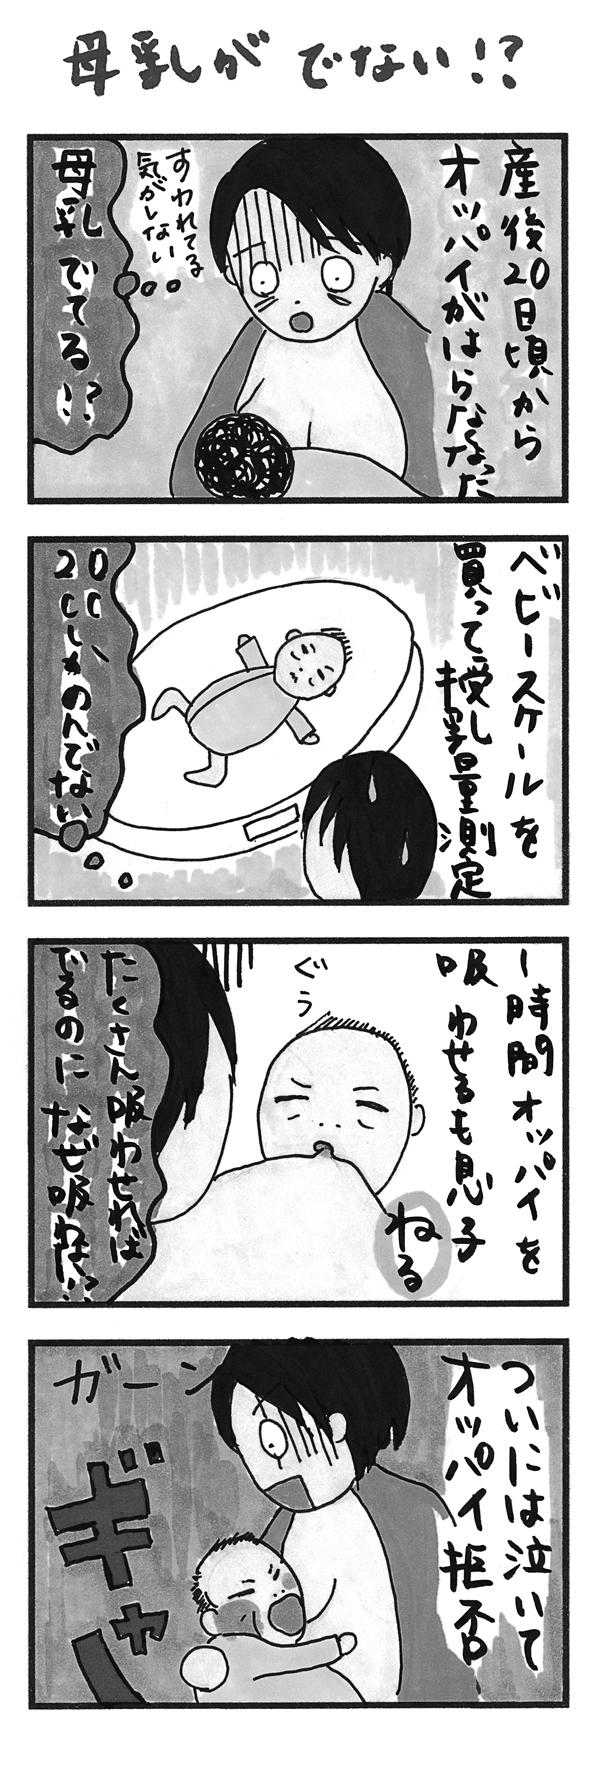 母乳への執着を捨てられずに陥った、負の育児サイクルの画像1